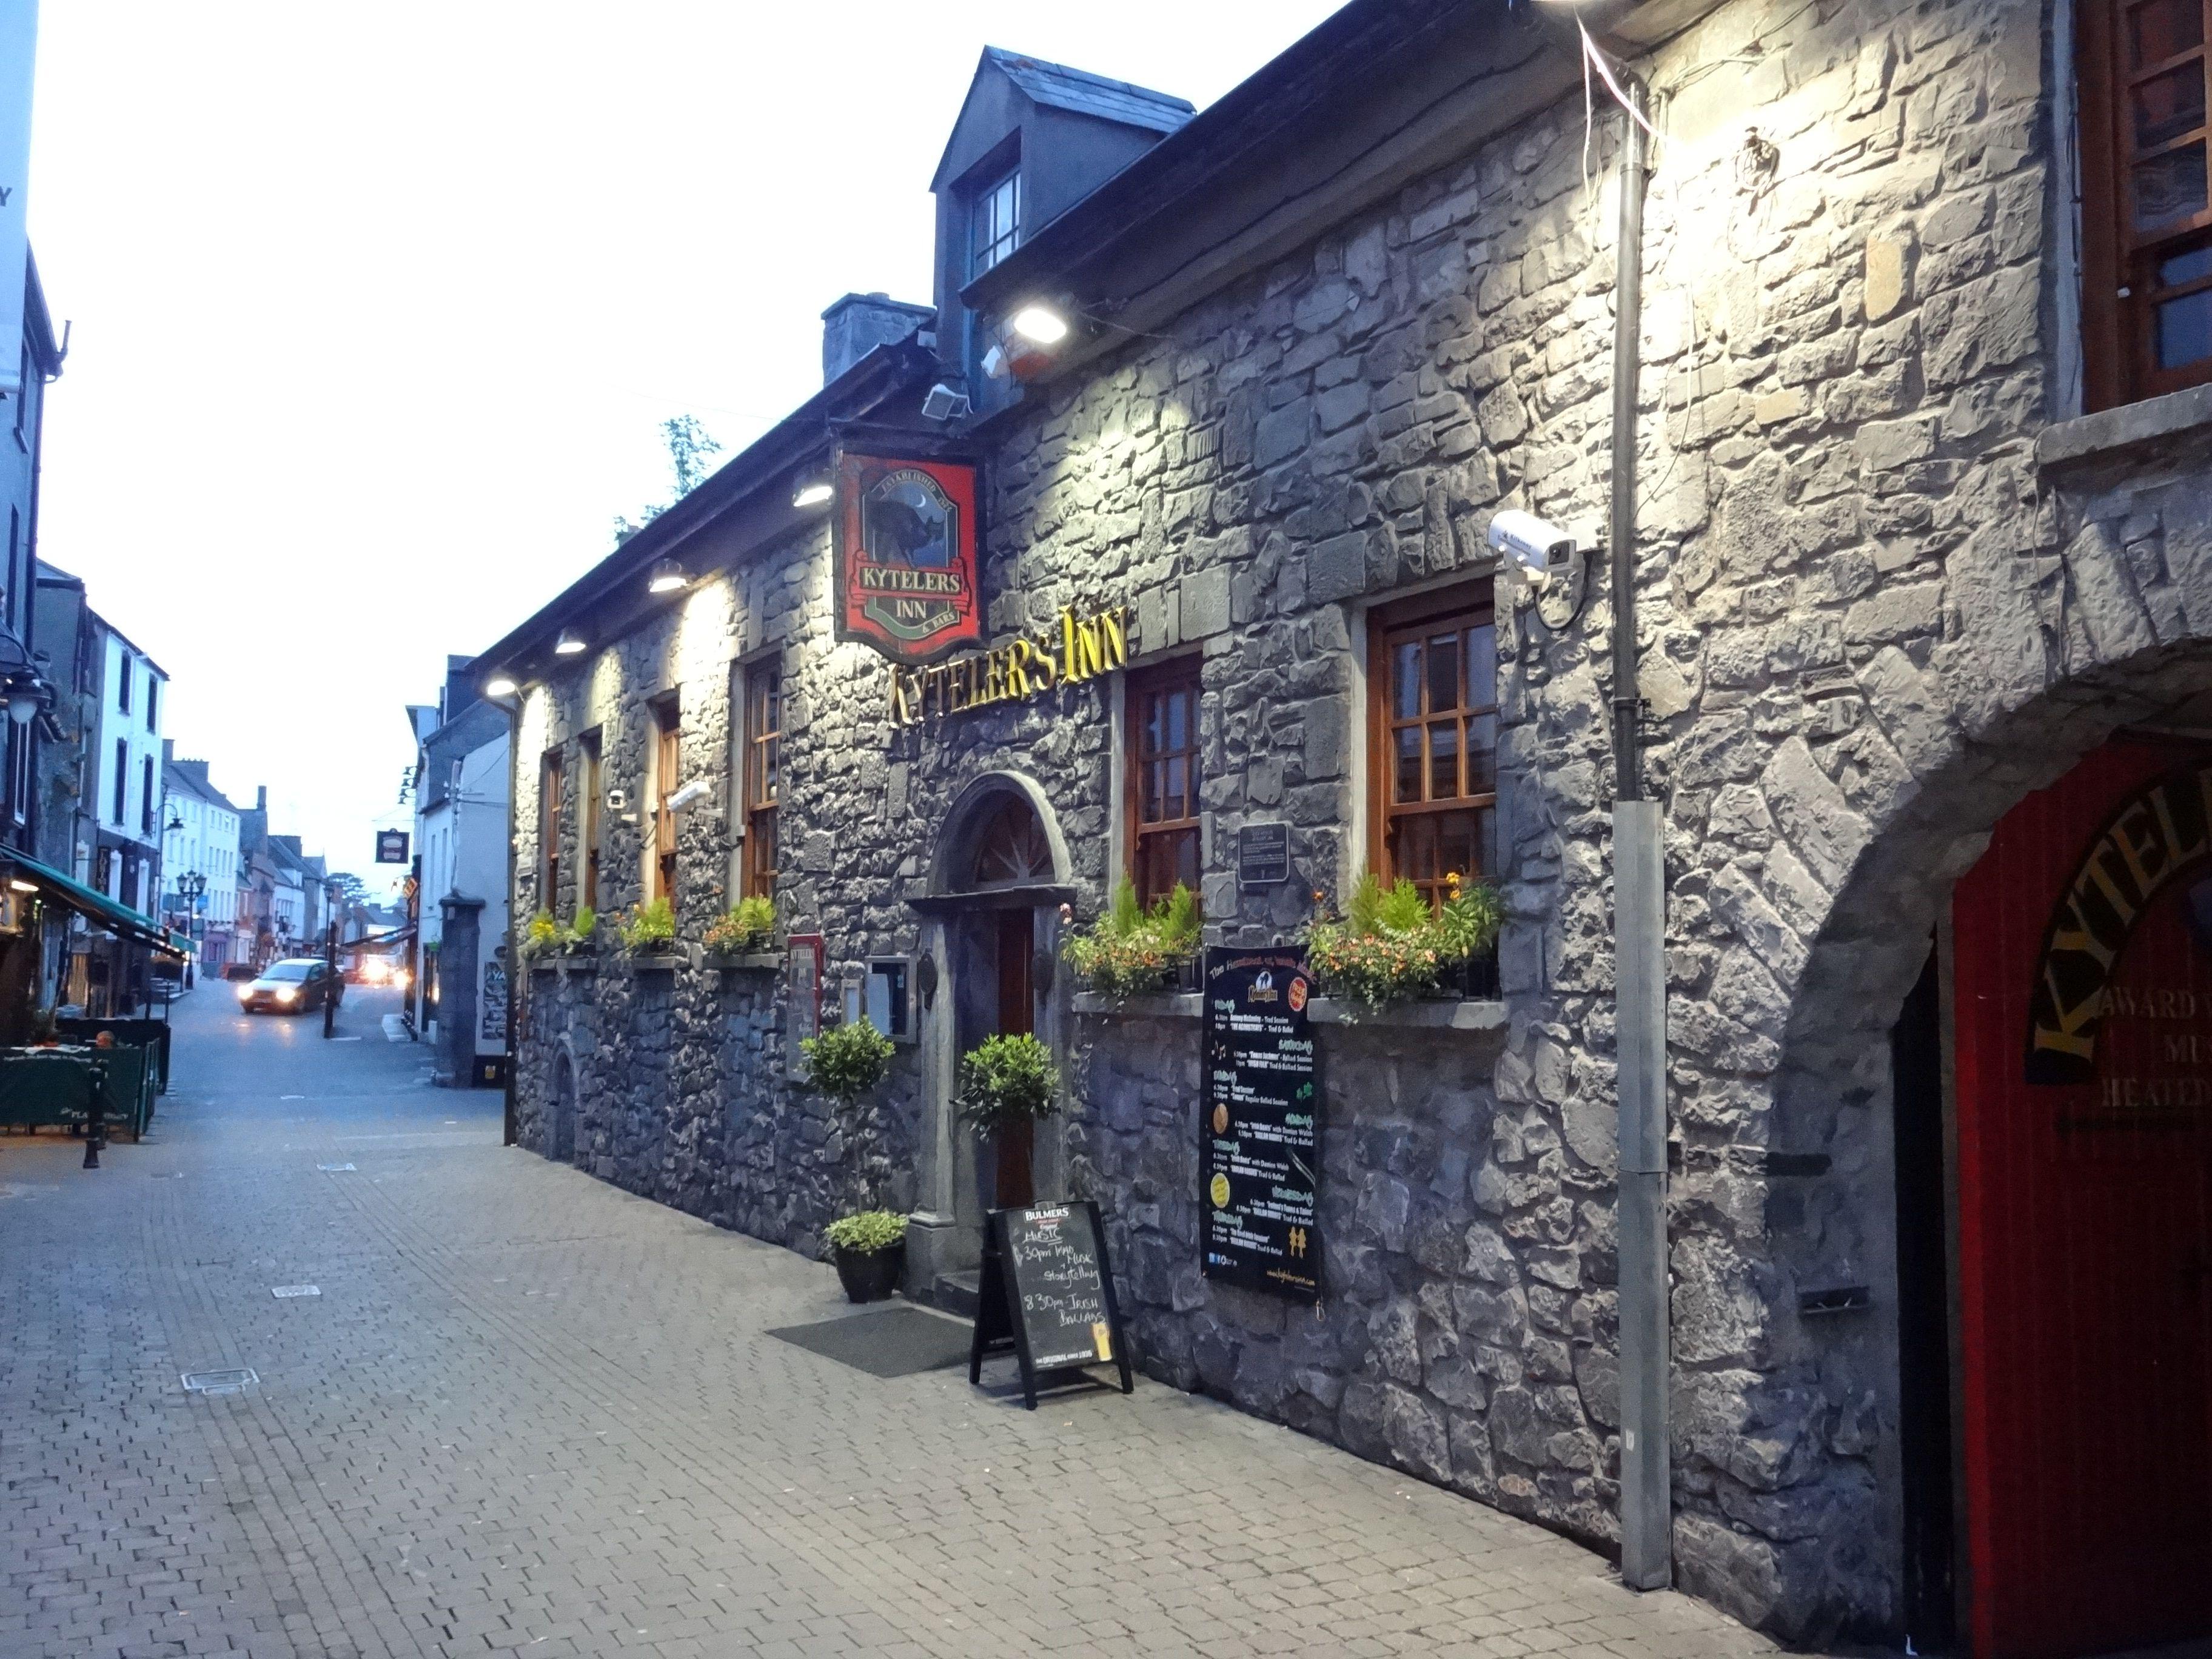 The Kyteler's Inn in Kilkenny. A must if you are in Kilkenny. Photo: bestnorwegian.com